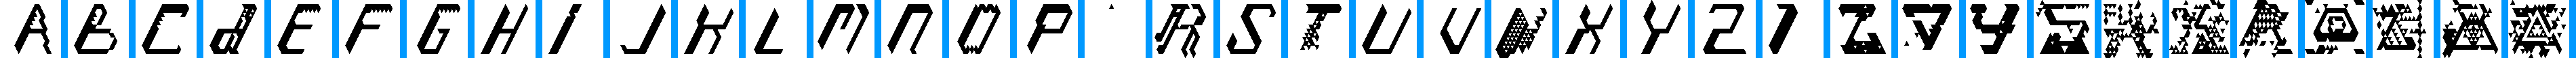 Particip-a-type v.266